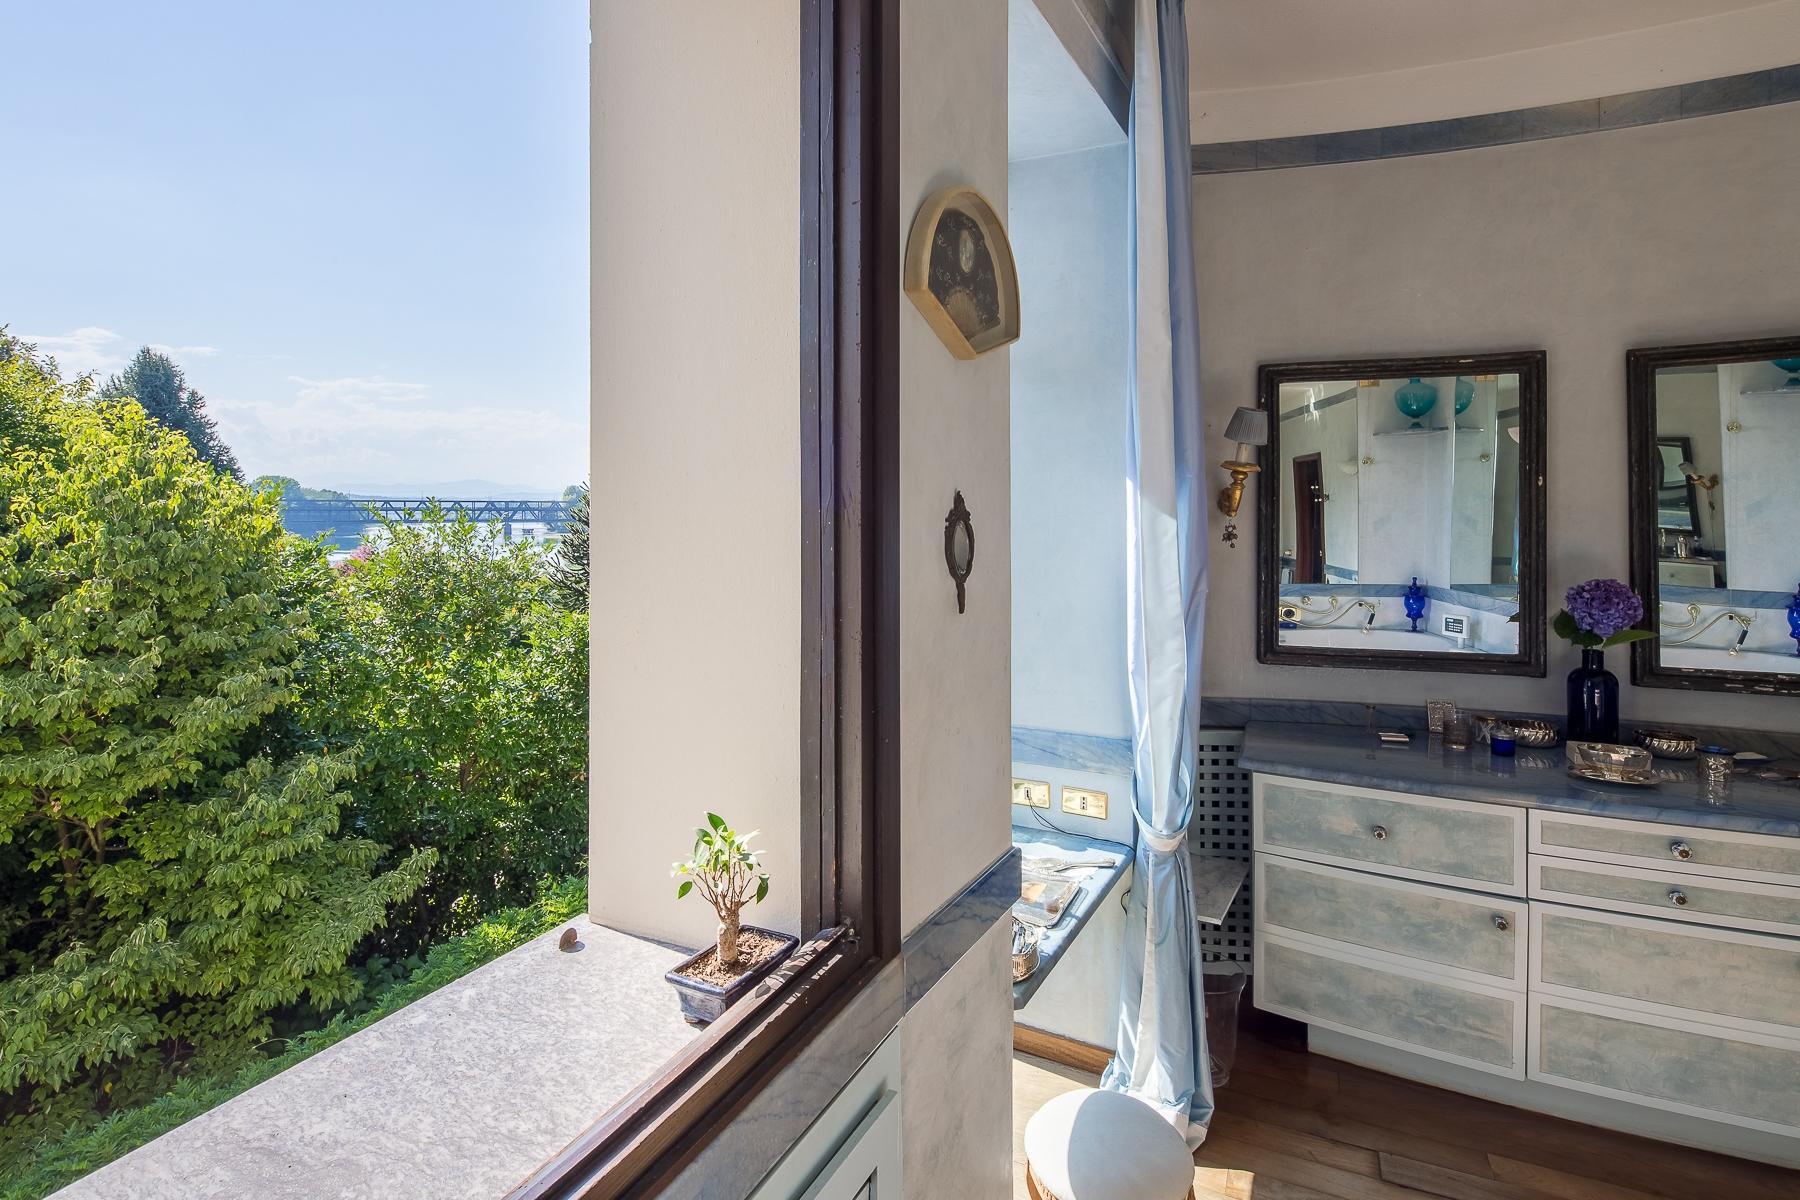 位于Ticino河岸边配有游泳池的别墅 - 25